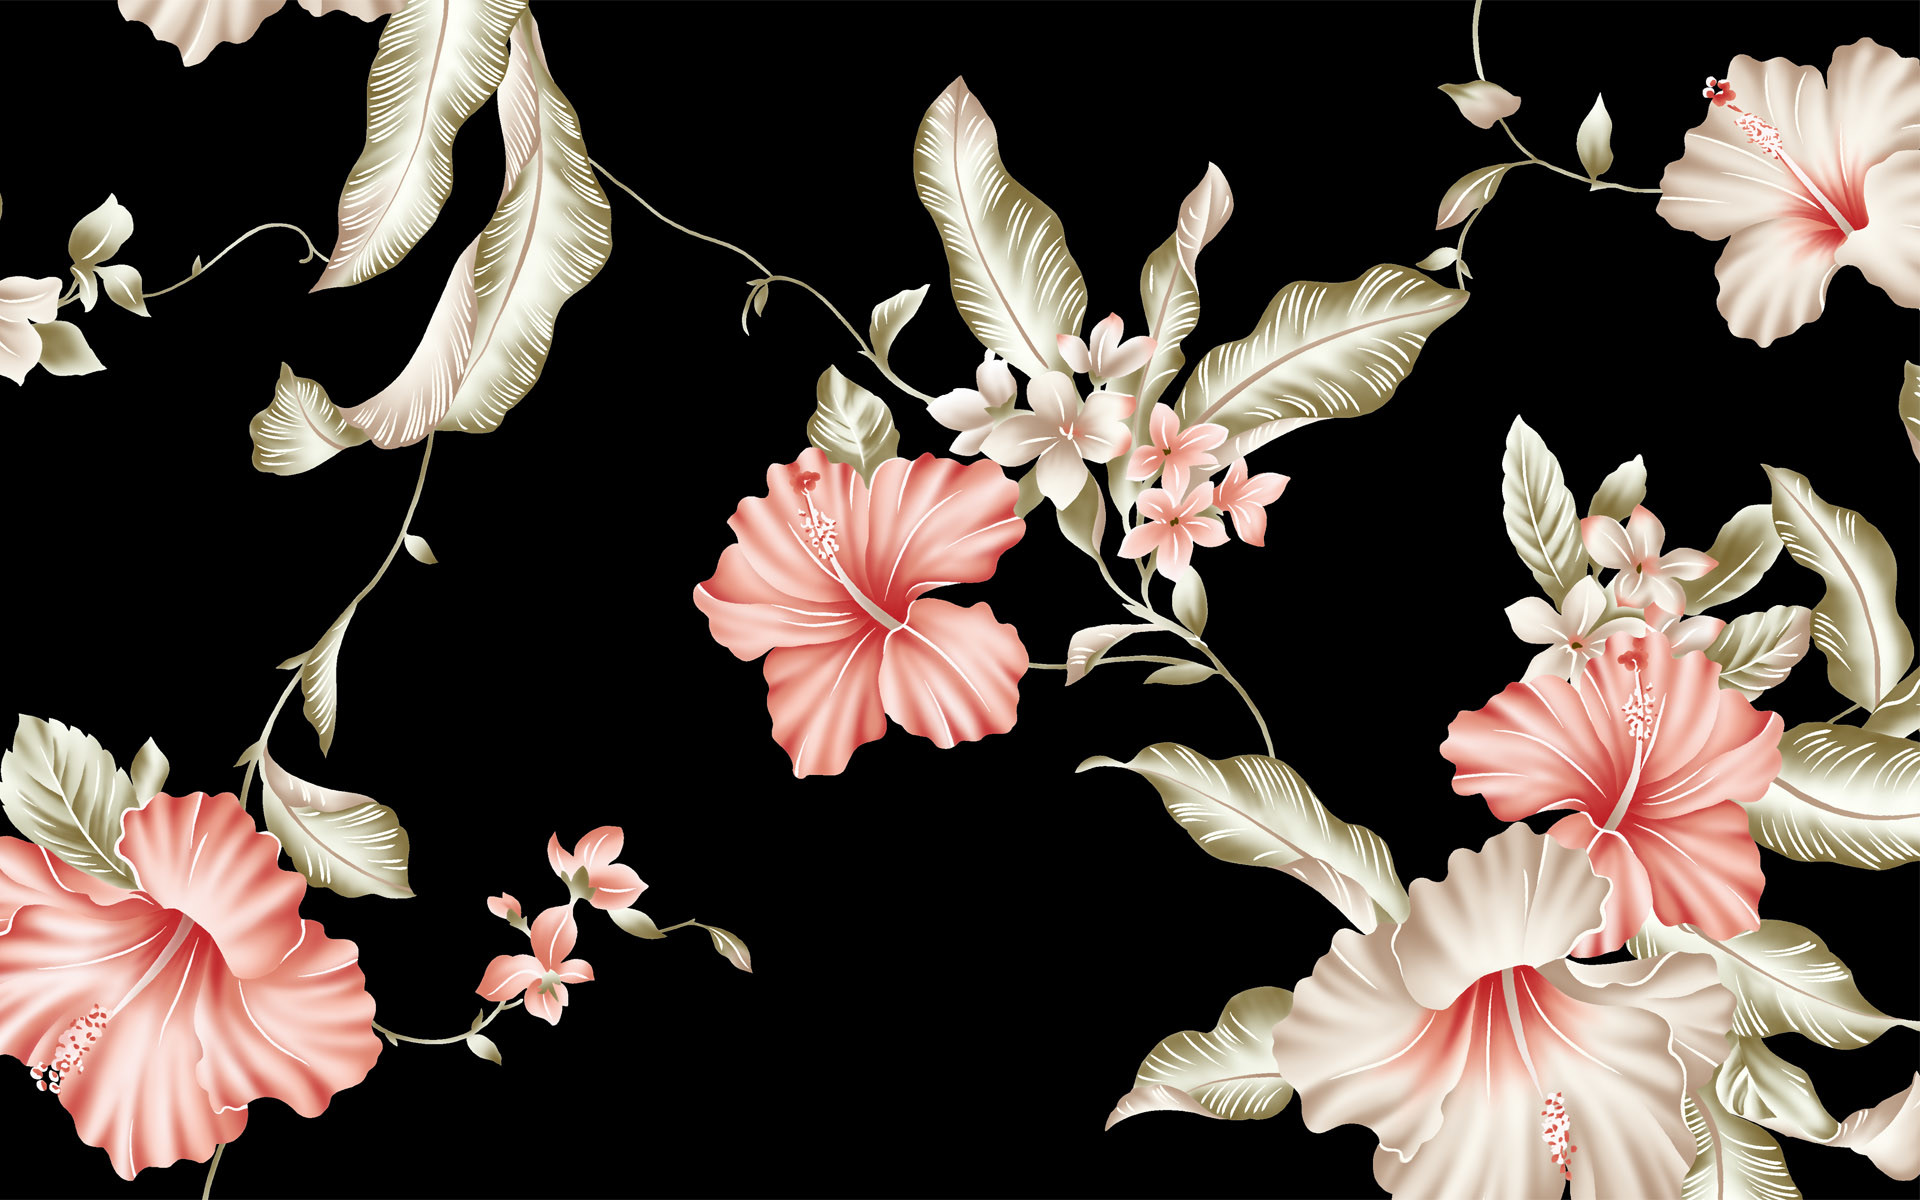 Iphone X Amazing Wallpaper Die 62 Besten Blumenmuster Hintergrundbilder